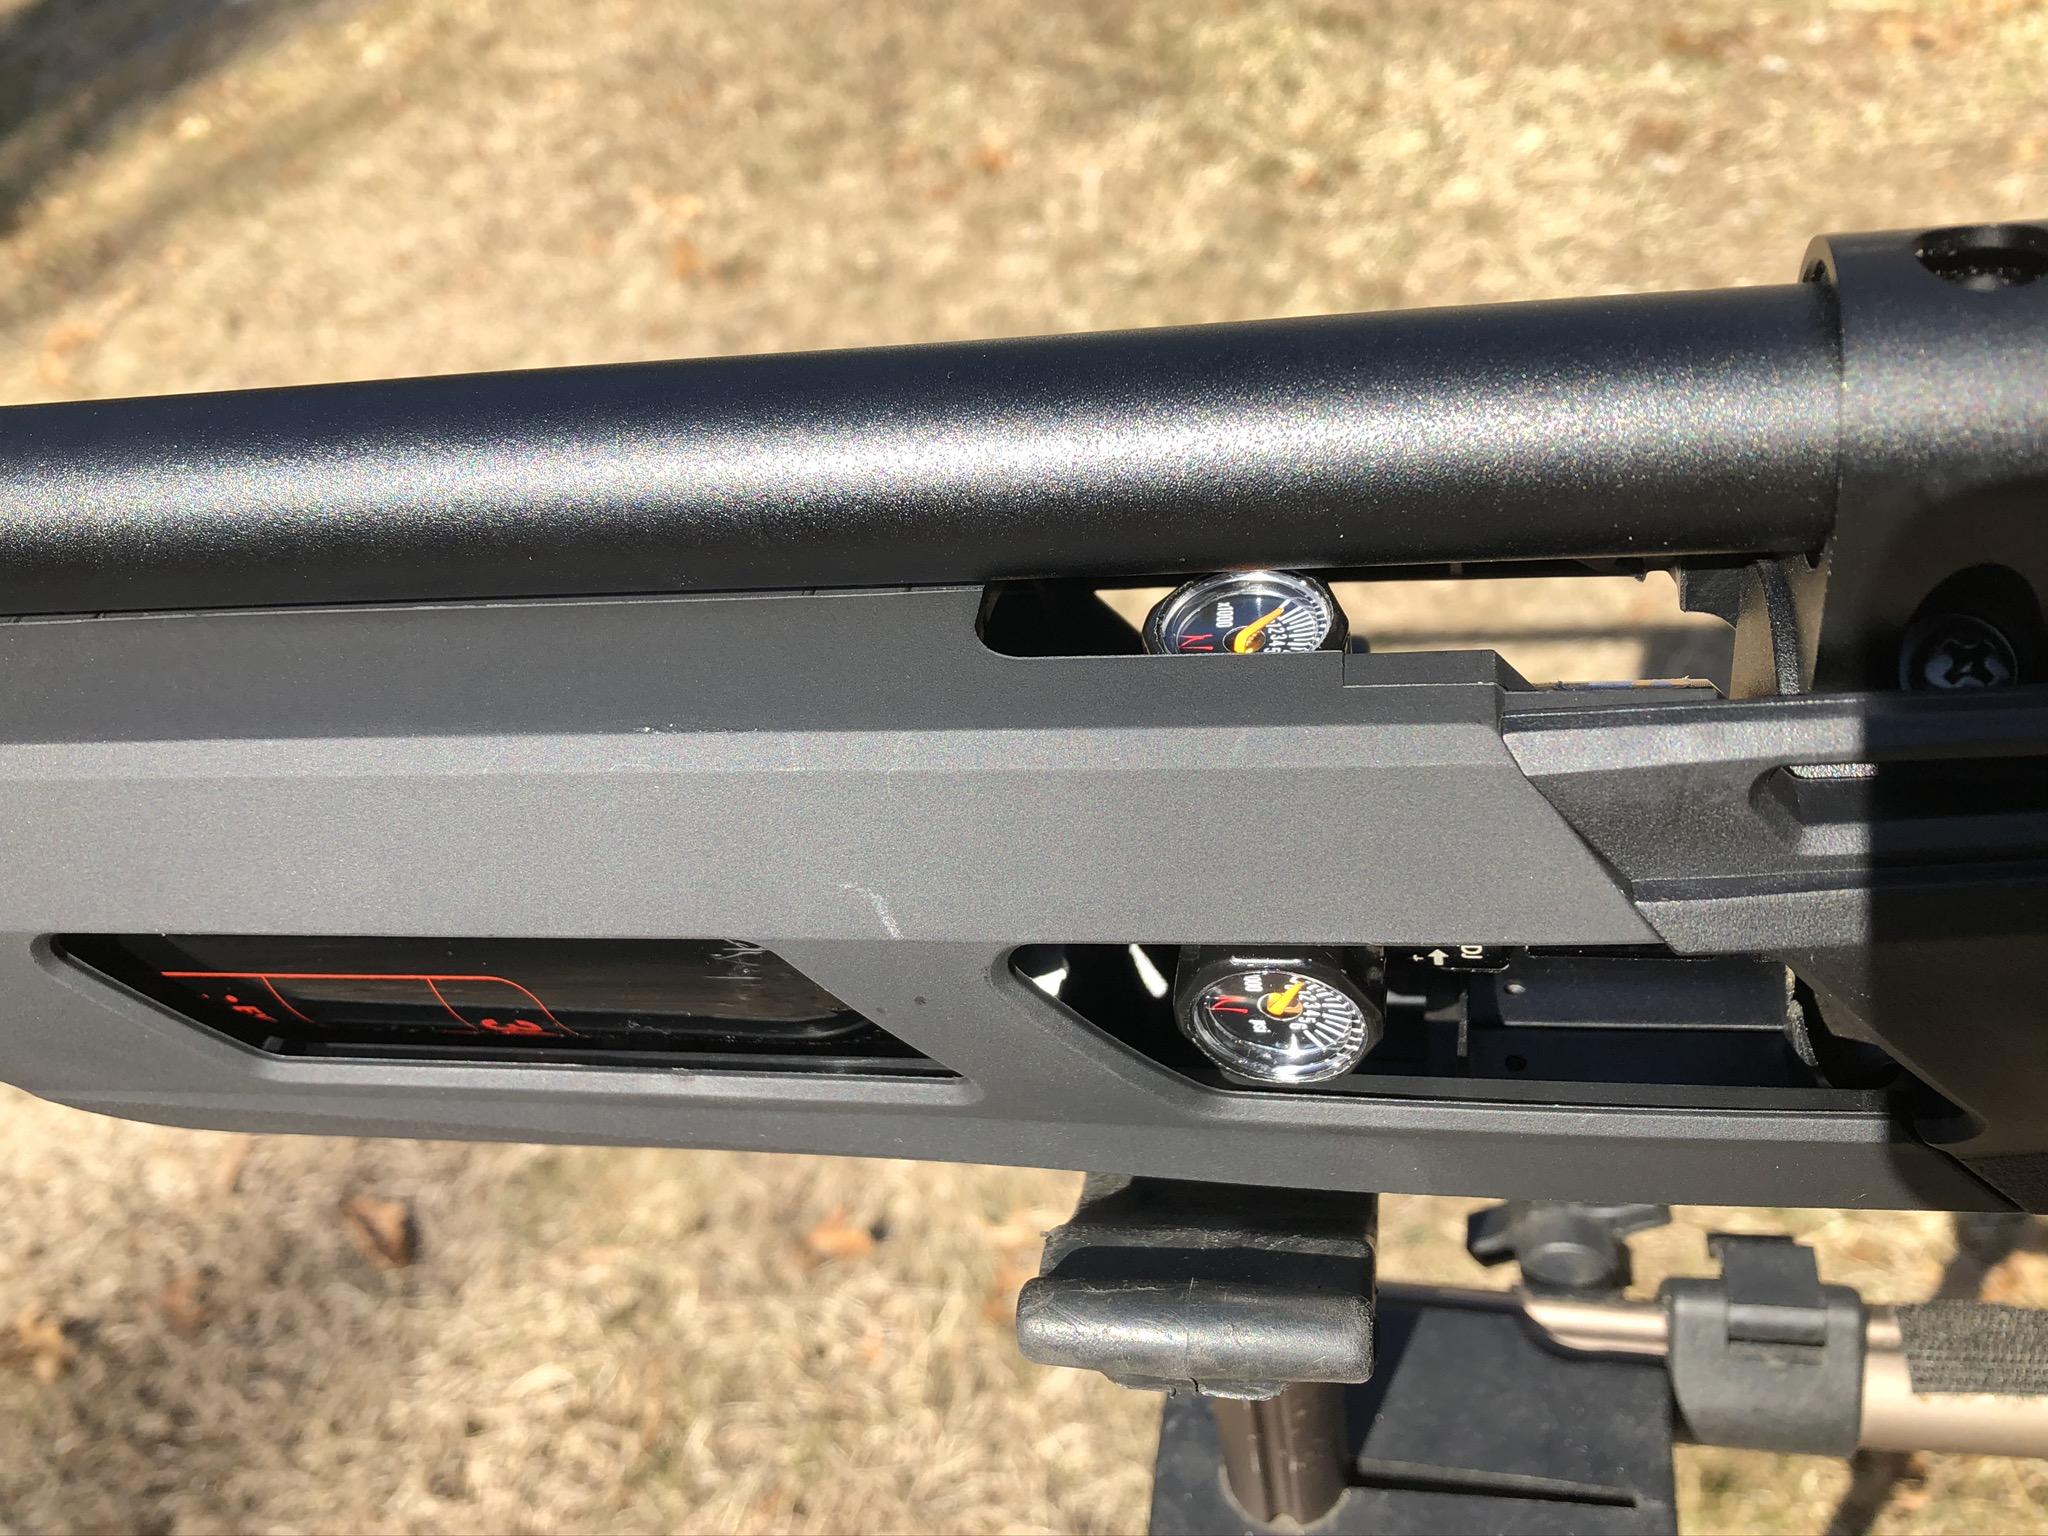 Ninja 22ci//3000PSI Extended Tank PCP Air Rifile UMAREX GAUNTLET 2100psi Output